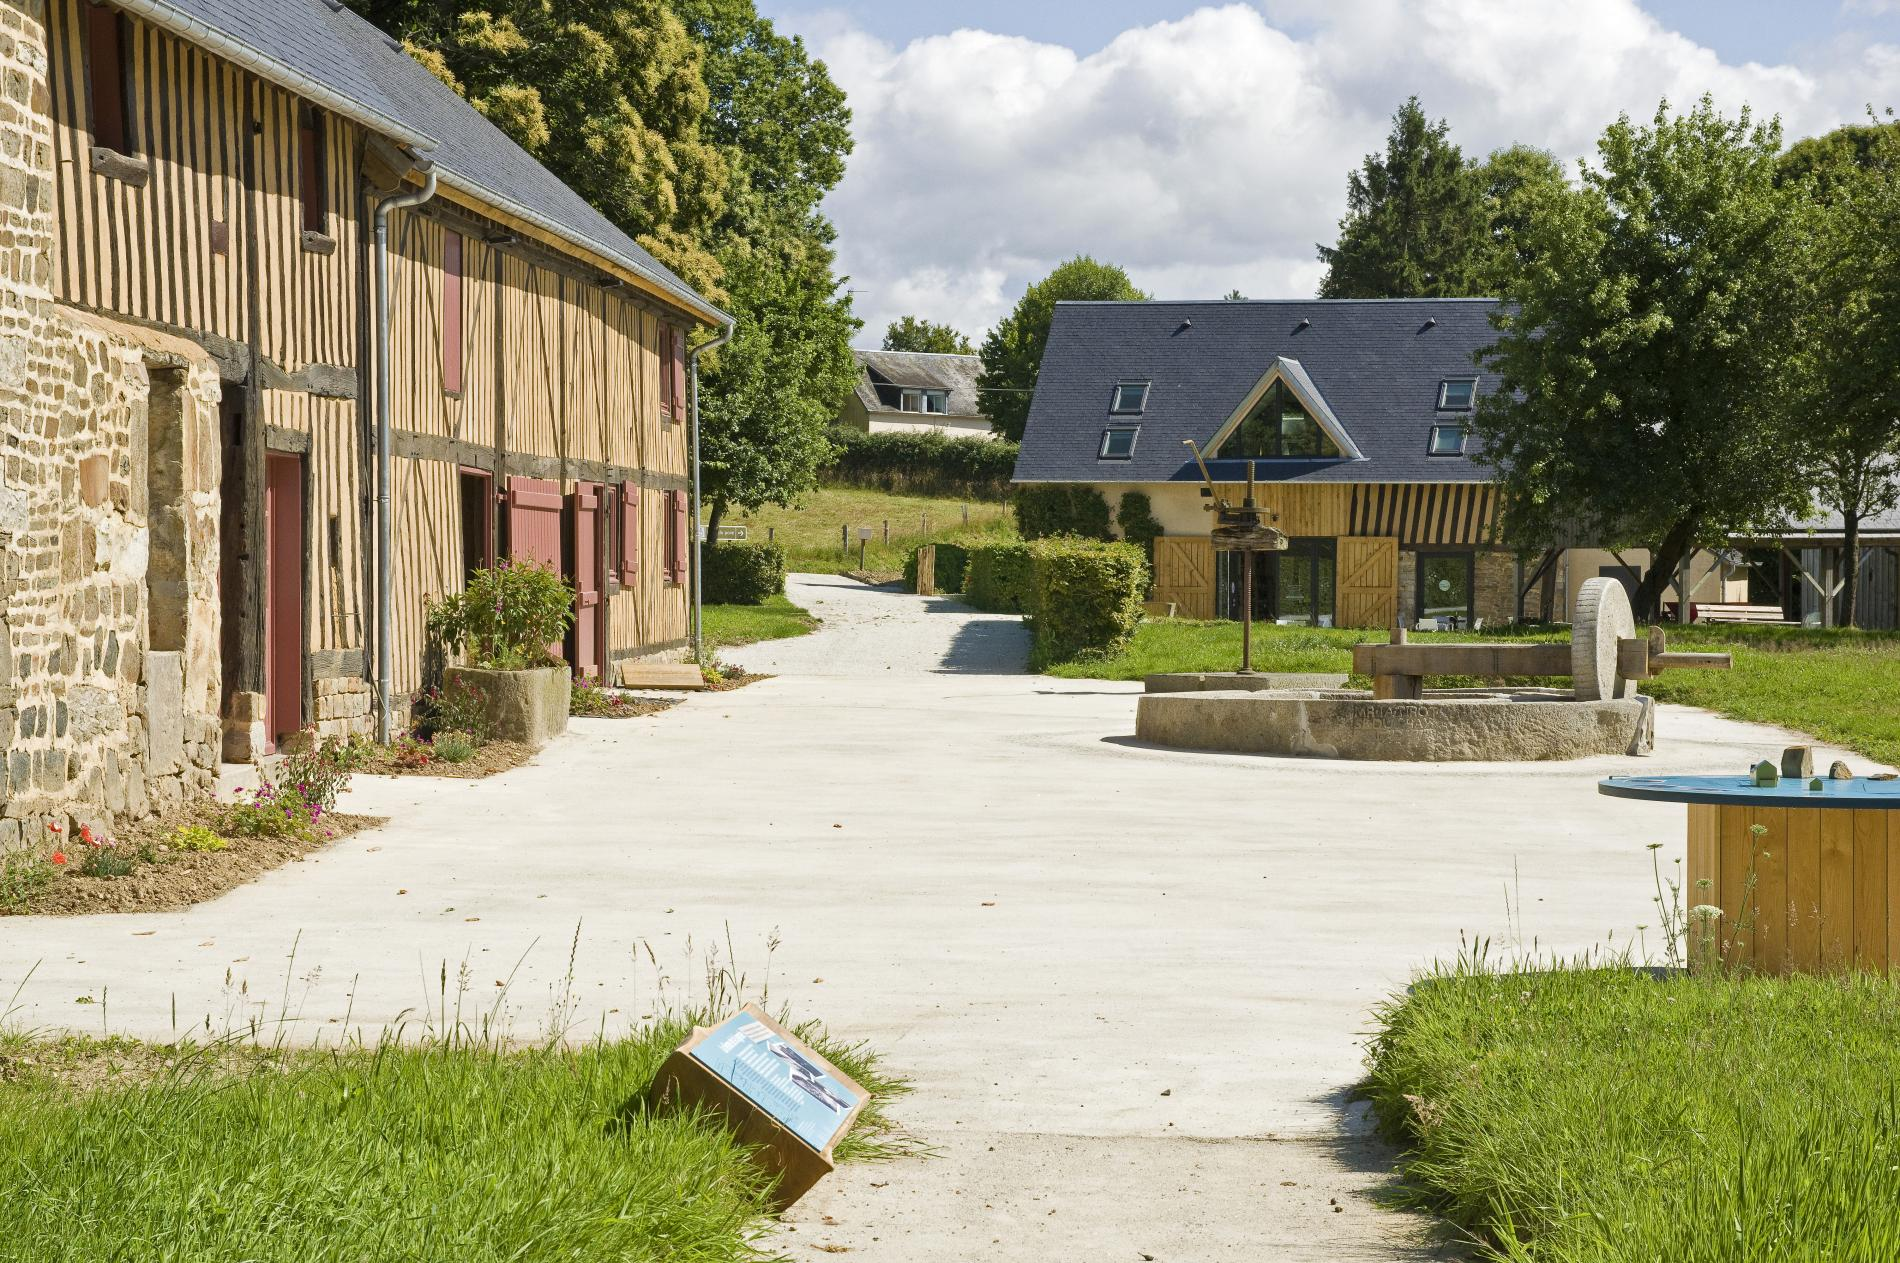 Musée du Poiré, Barenton, Normandy